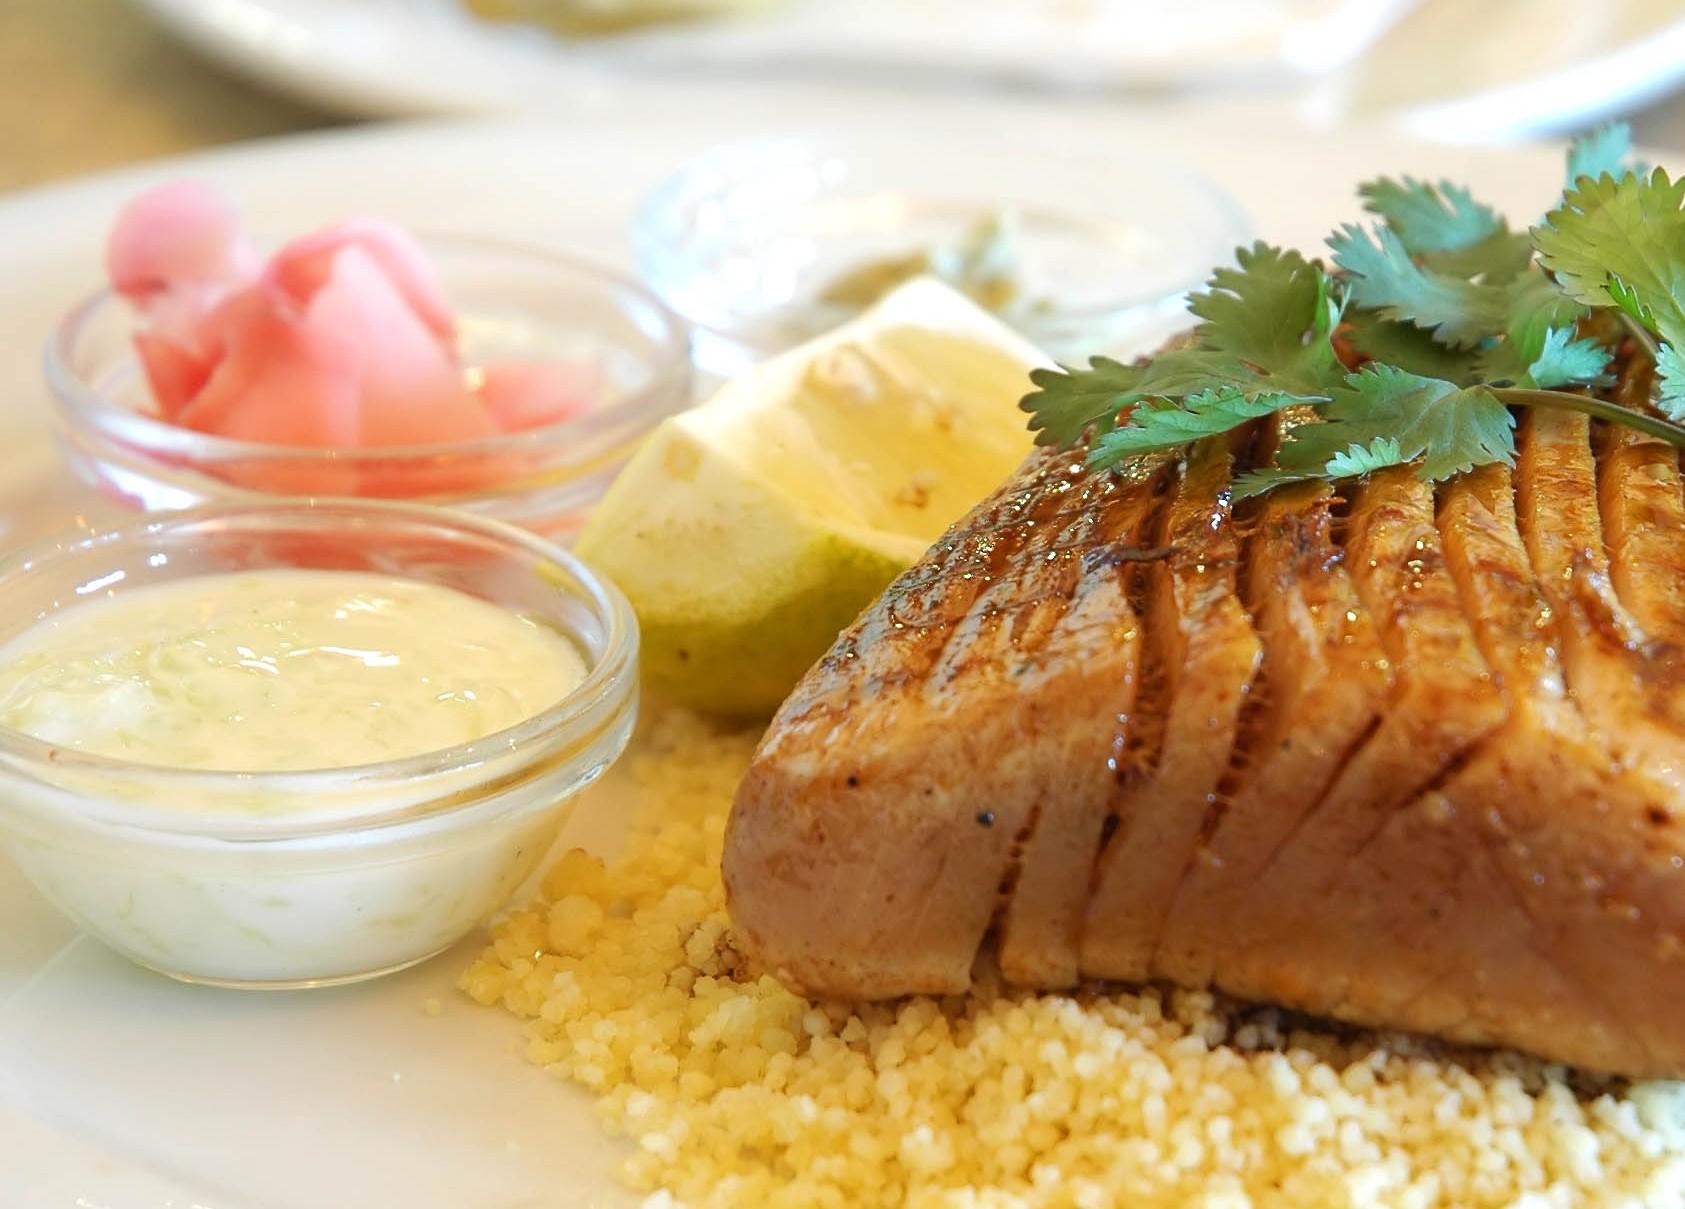 Alimentos ricos en proteínas y bajos en calorías 1